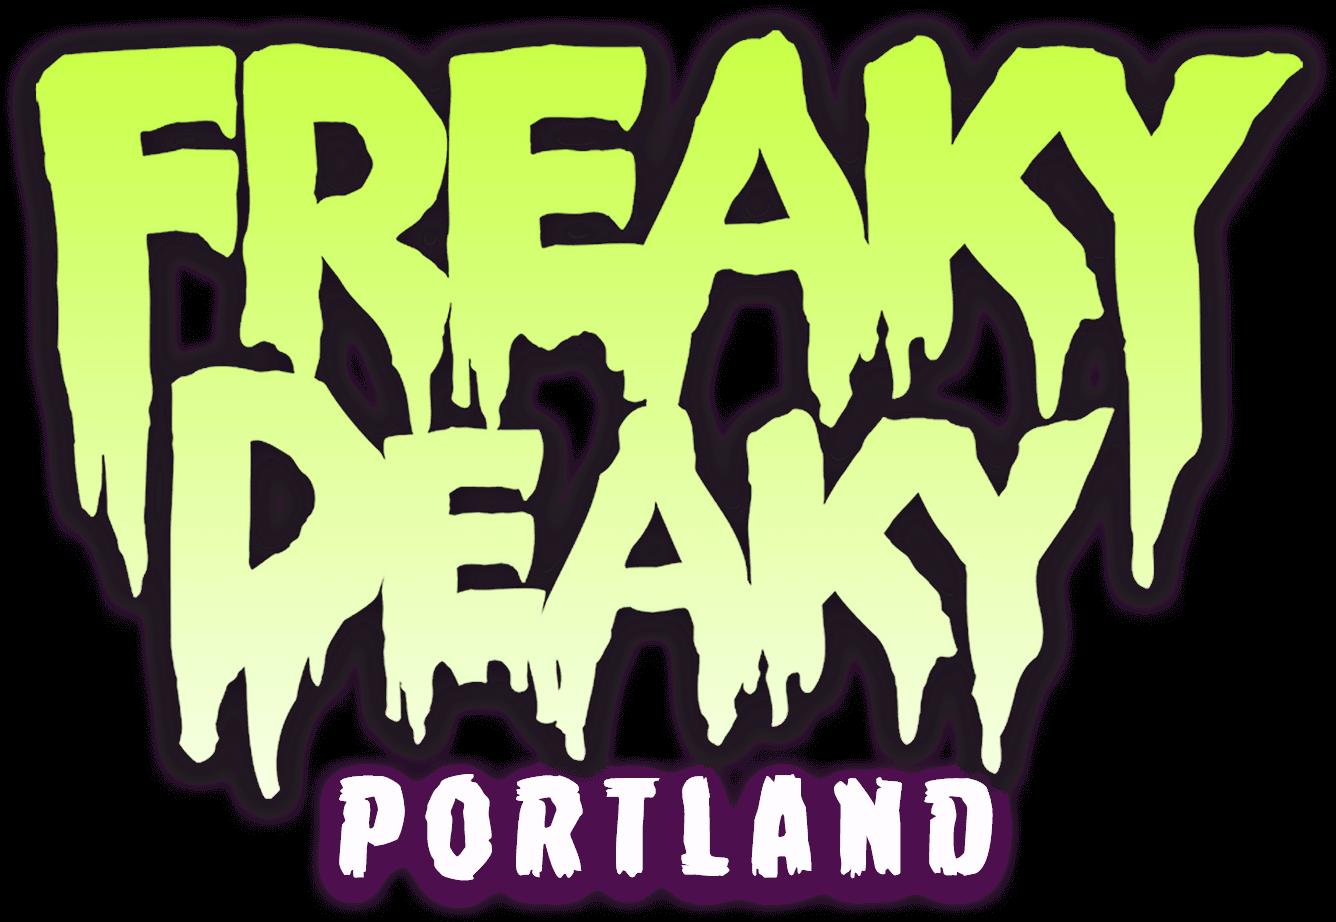 Freaky Deaky Portland